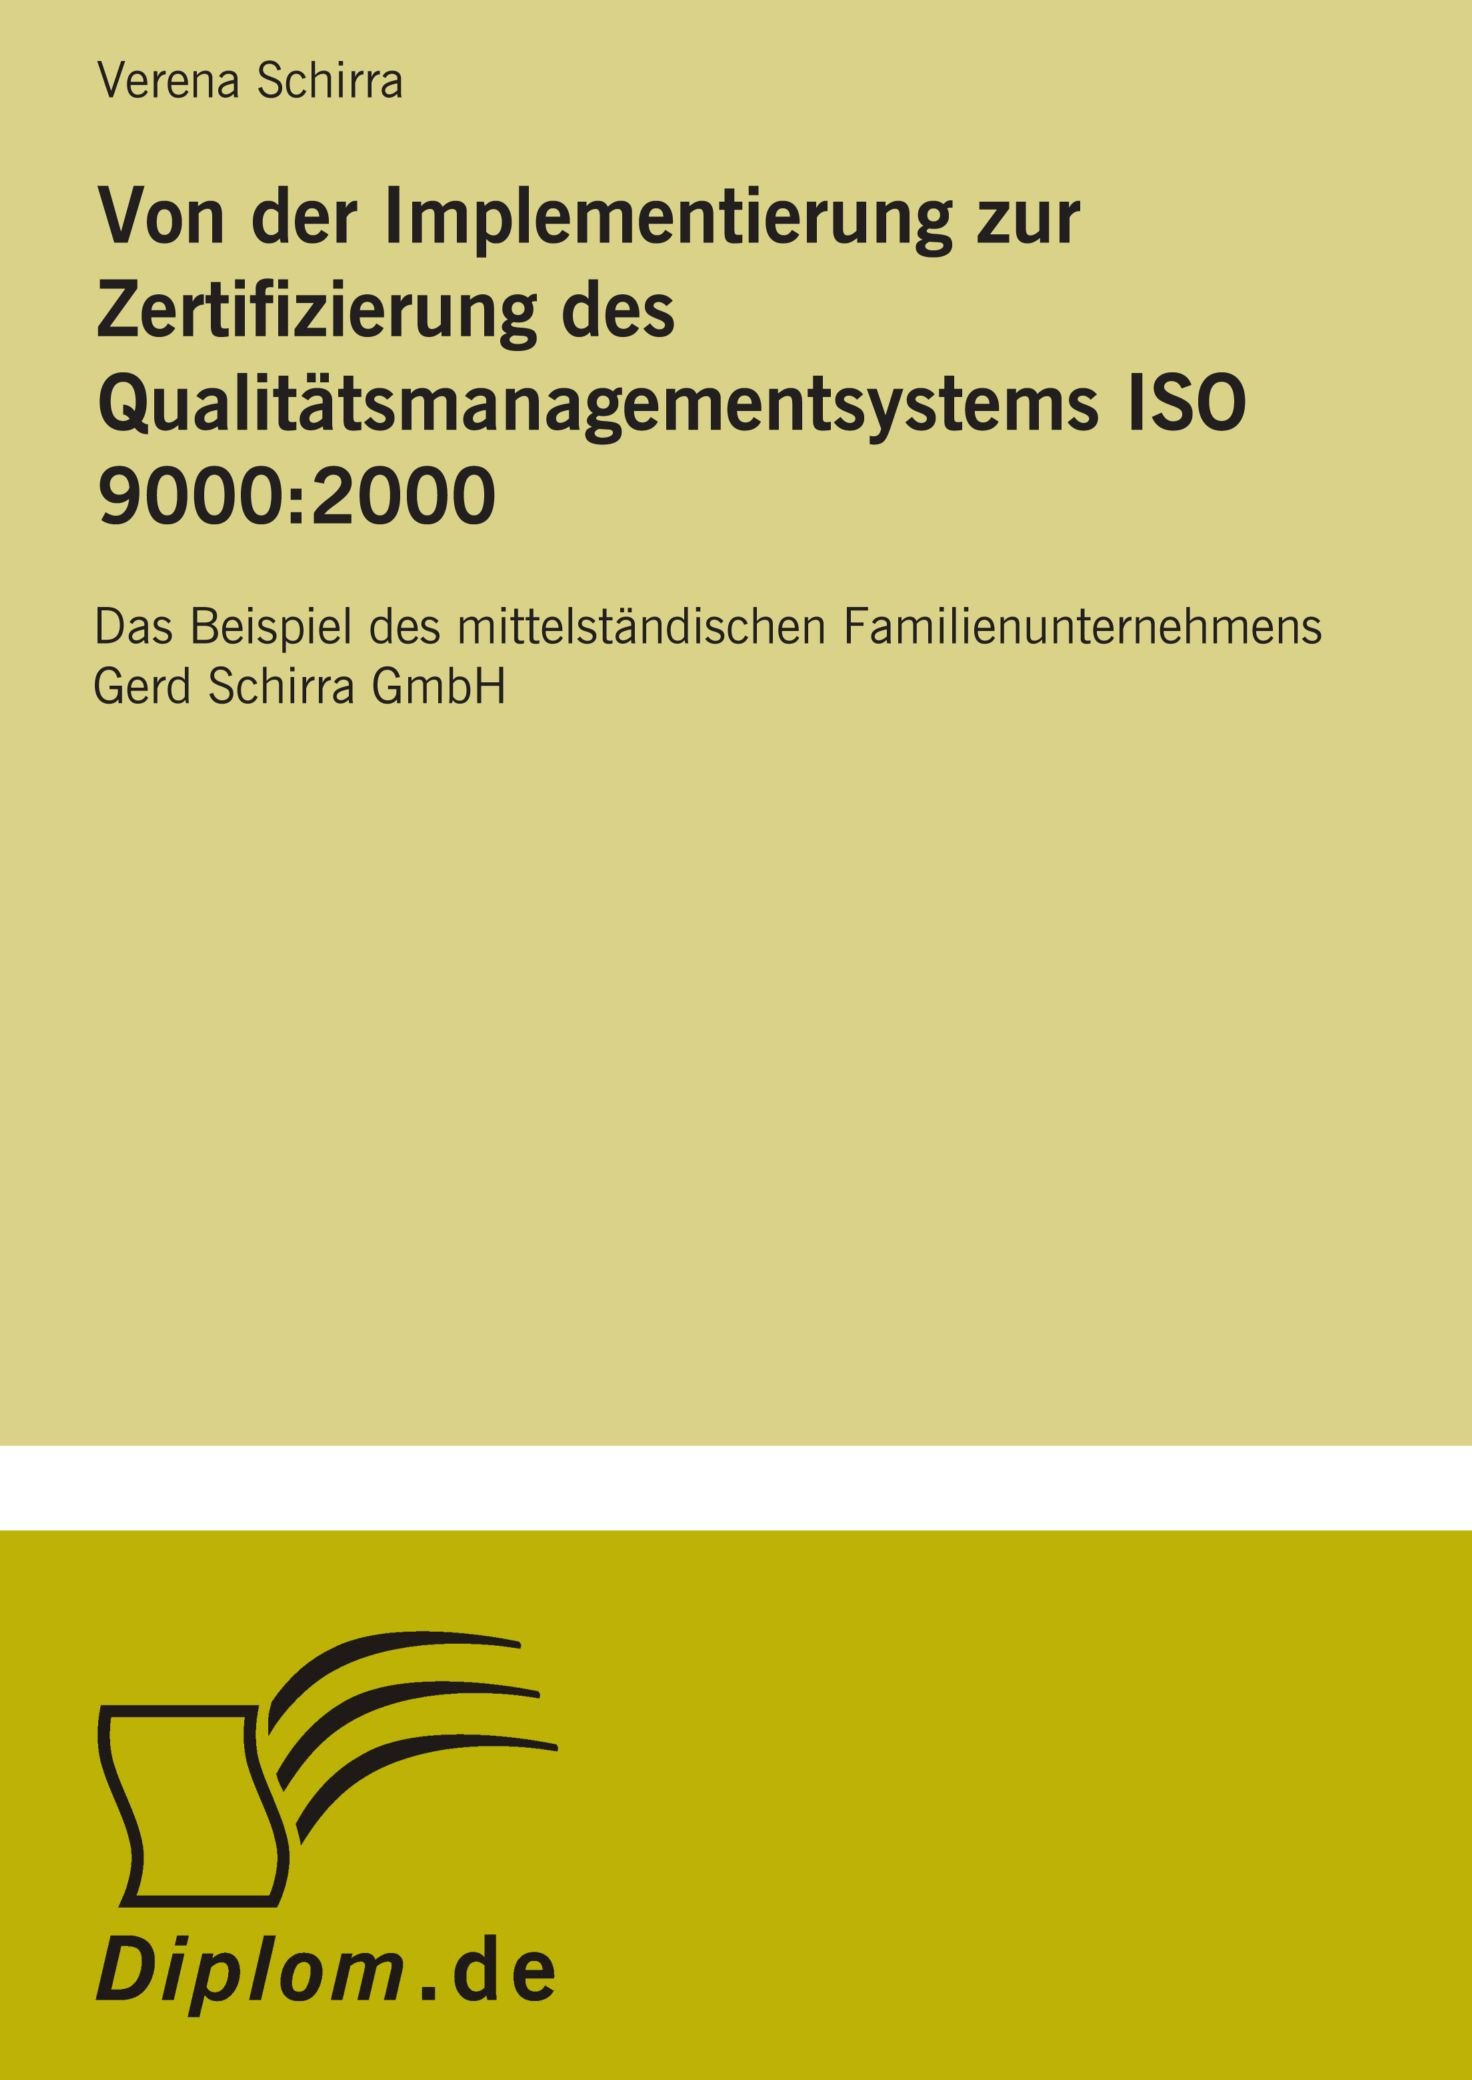 Von der Implementierung zur Zertifizierung des Qualitätsmanagementsystems ISO 9000:2000: Das Beispiel des mittelständischen Familienunternehmens Gerd Schirra GmbH (German Edition) pdf